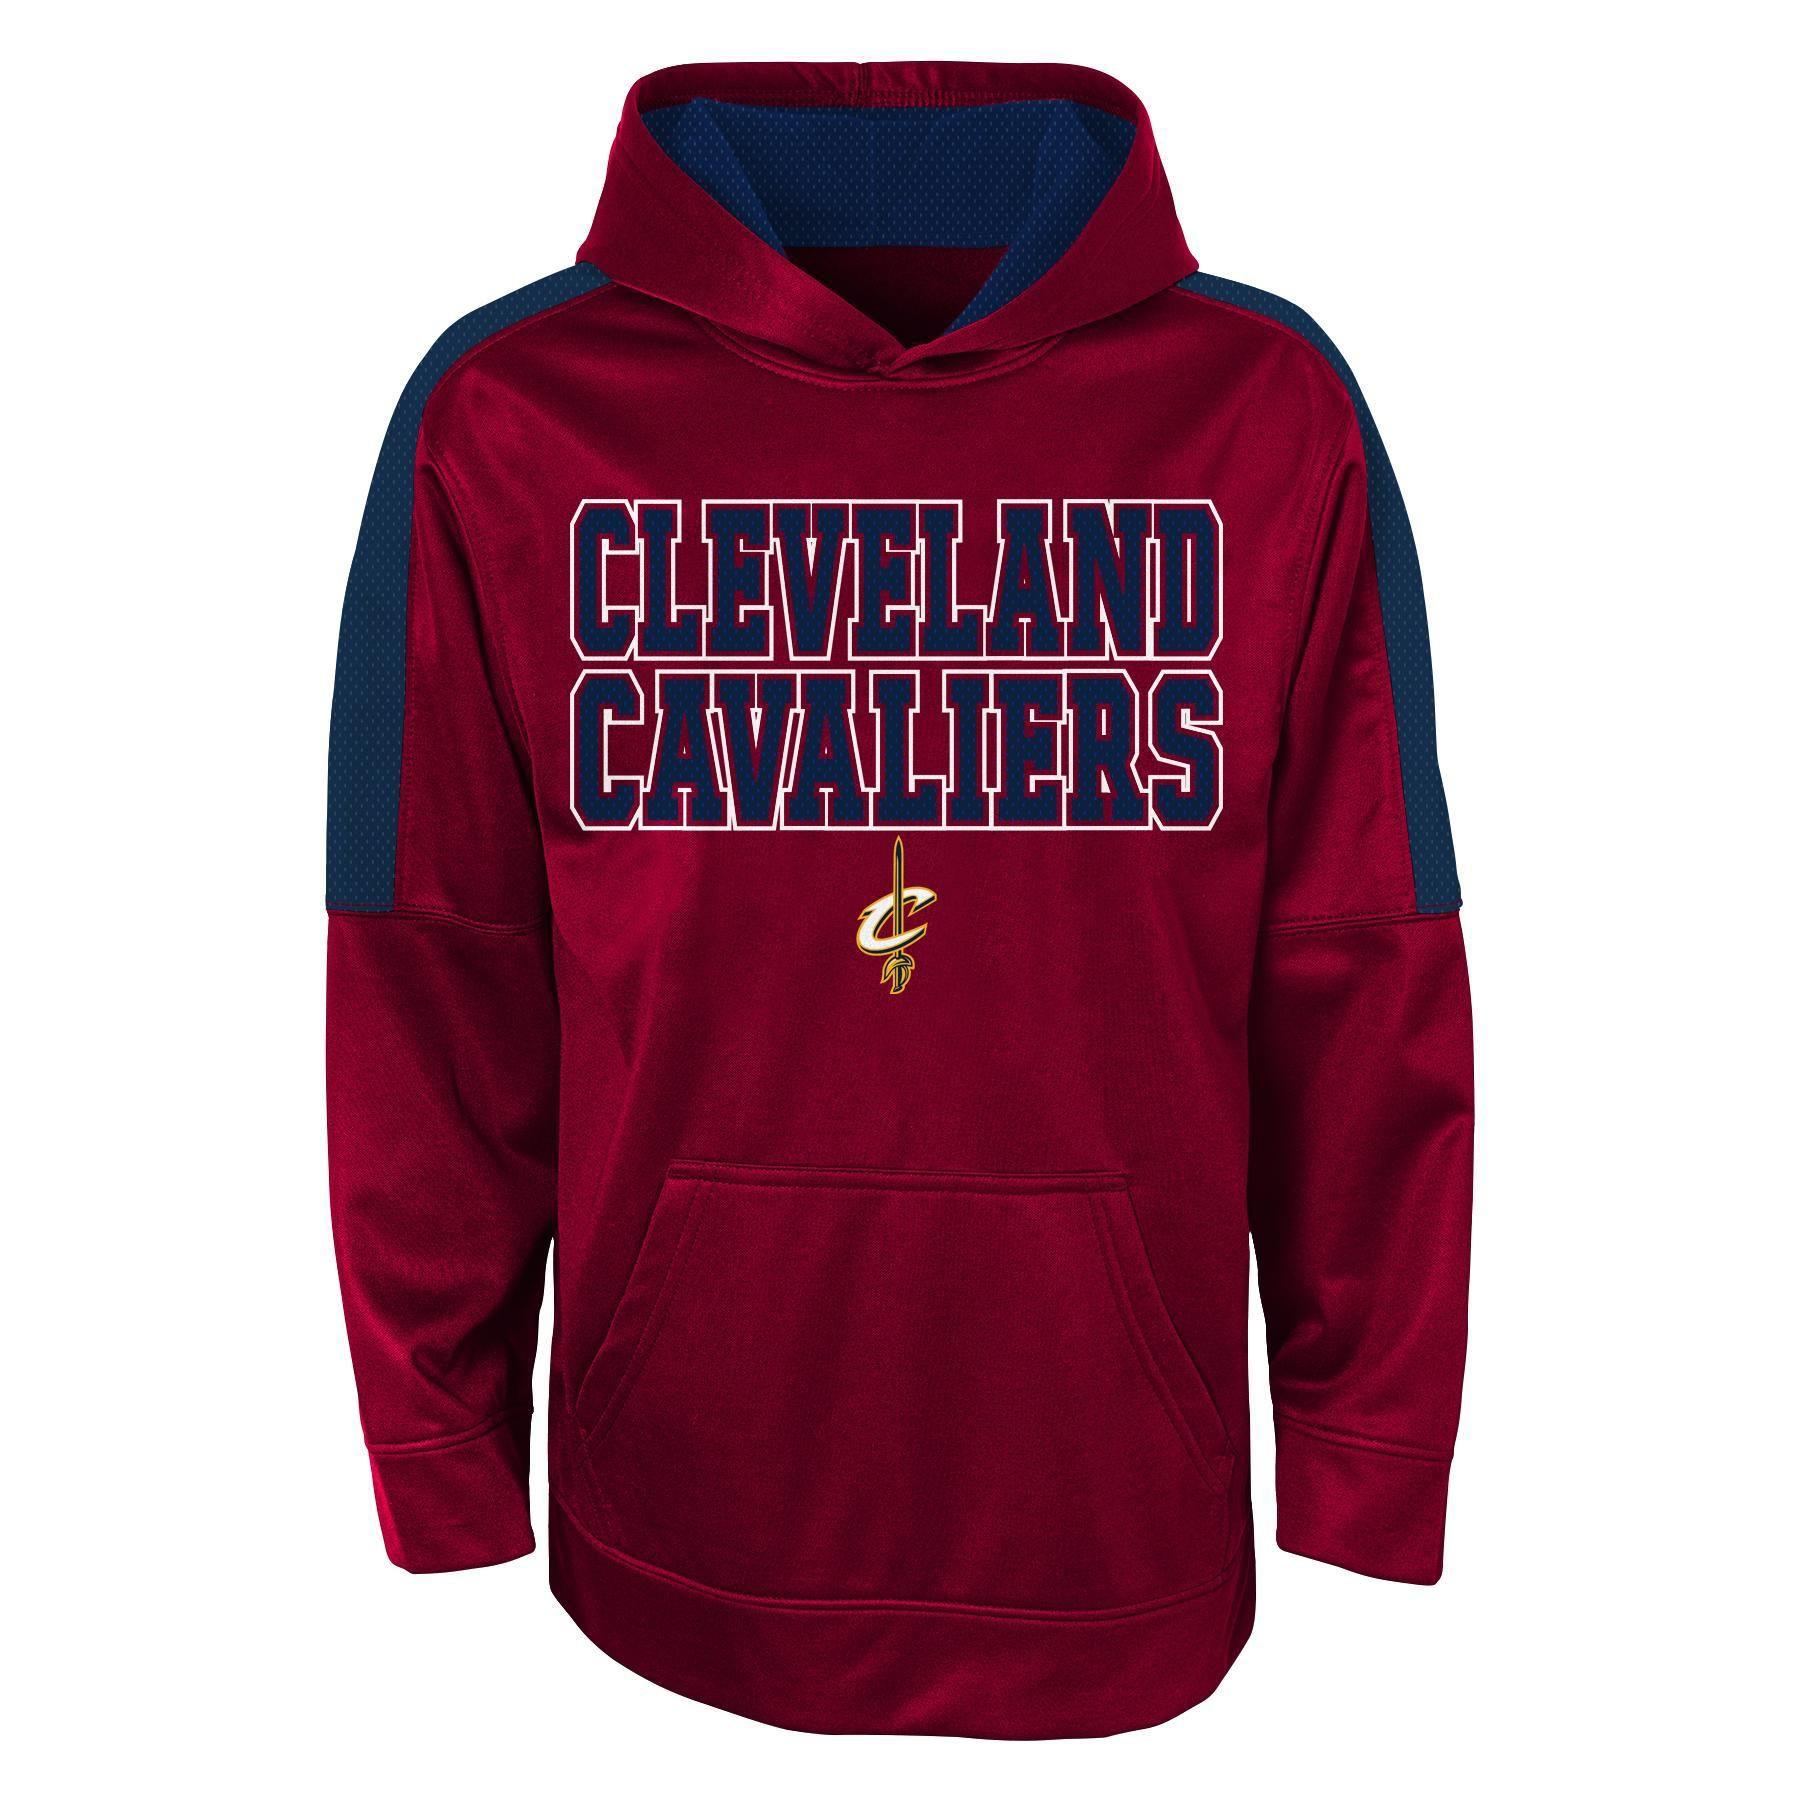 Nba Boys Hoodie Cleveland Cavaliers Size Medium Red Pullover Sweatshirt Hoodie Hoodies Sweatshirts Hoodie